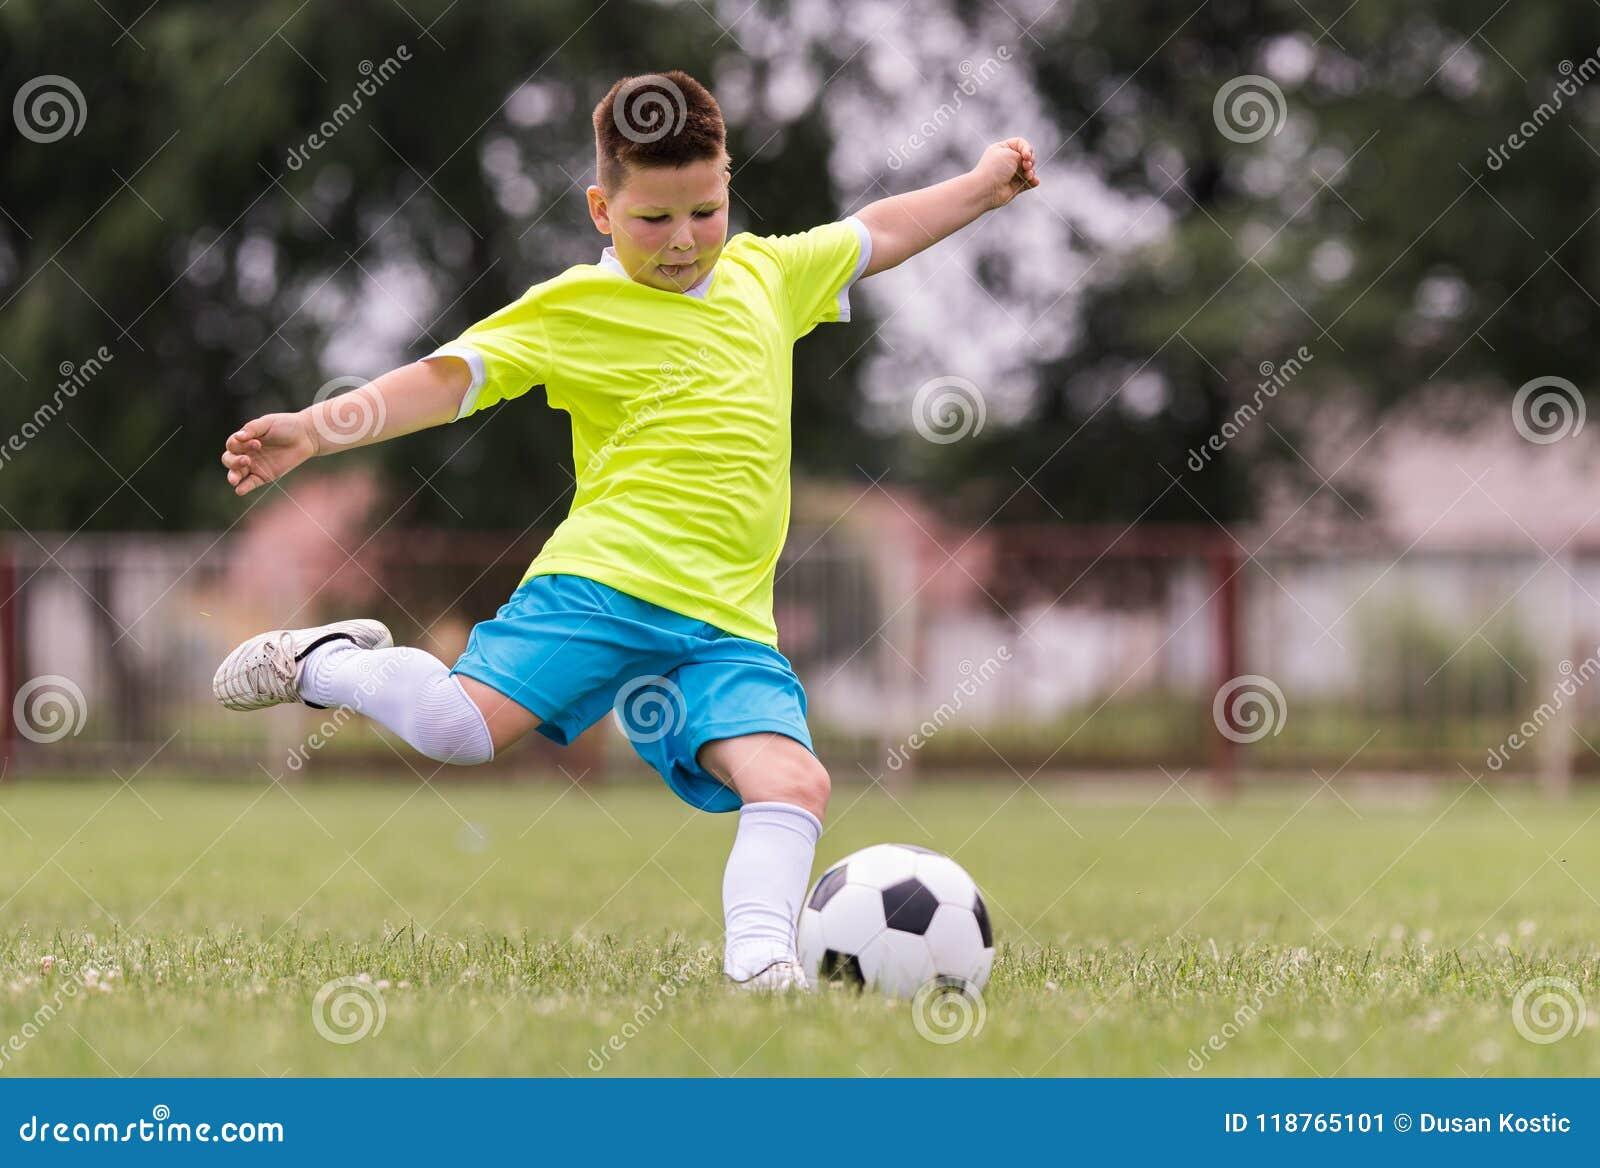 Fútbol de retroceso con el pie del muchacho en el campo de deportes